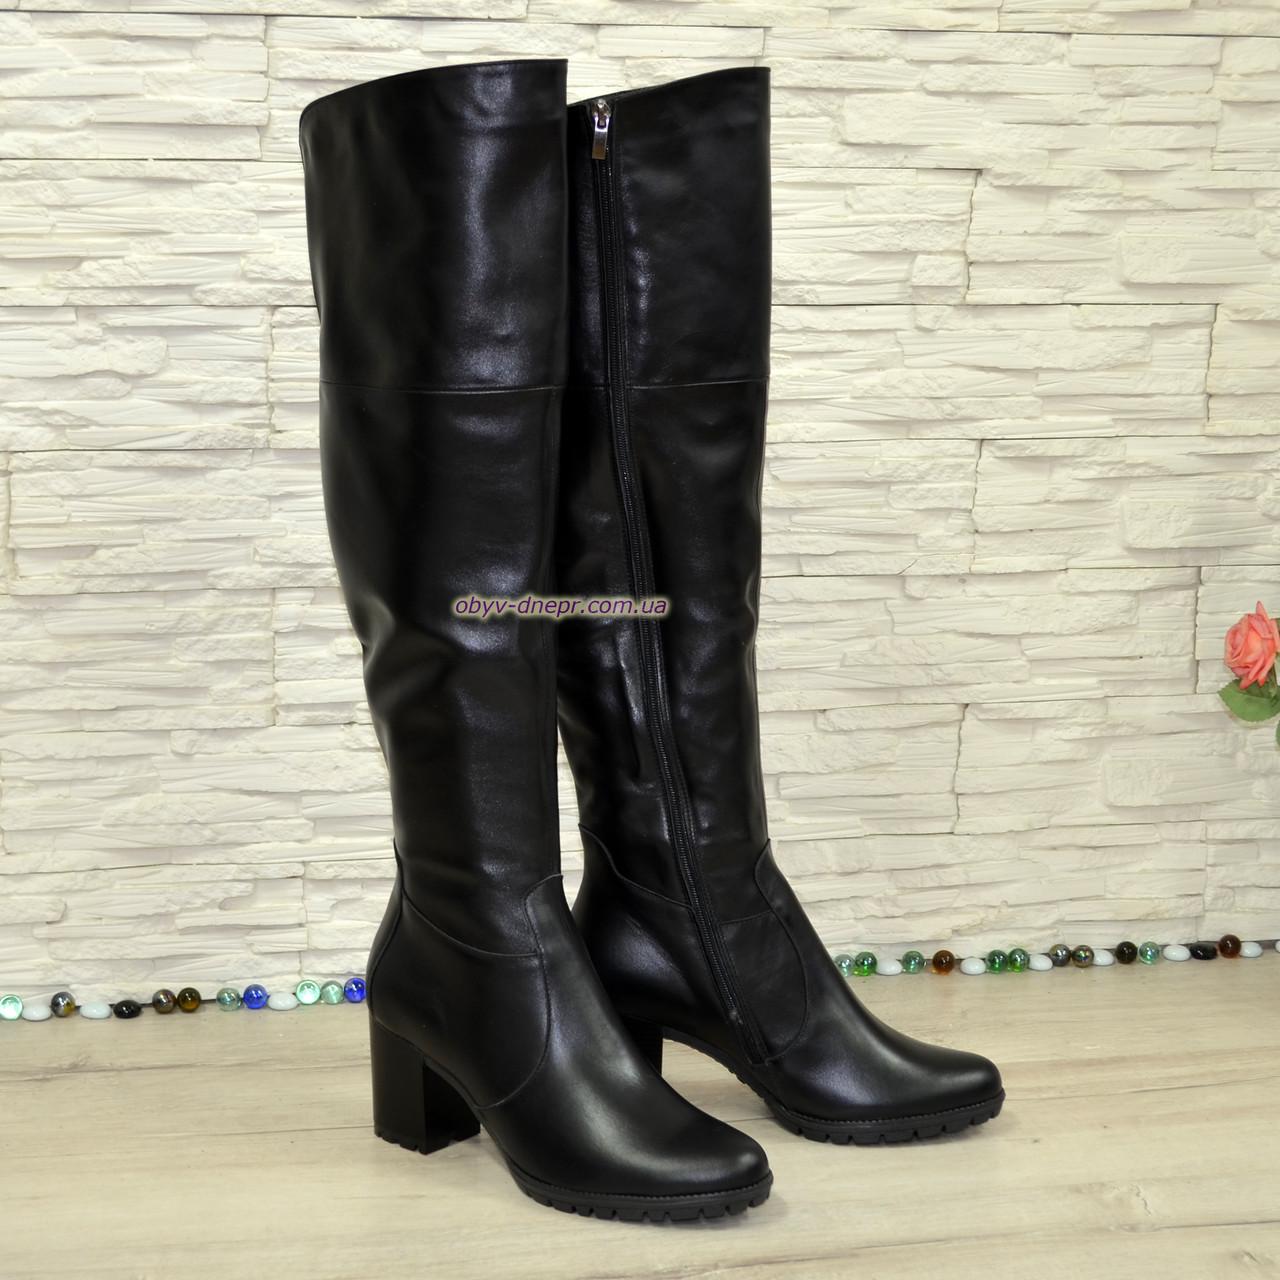 Ботфорты зимние на устойчивом каблуке, натуральная черная кожа